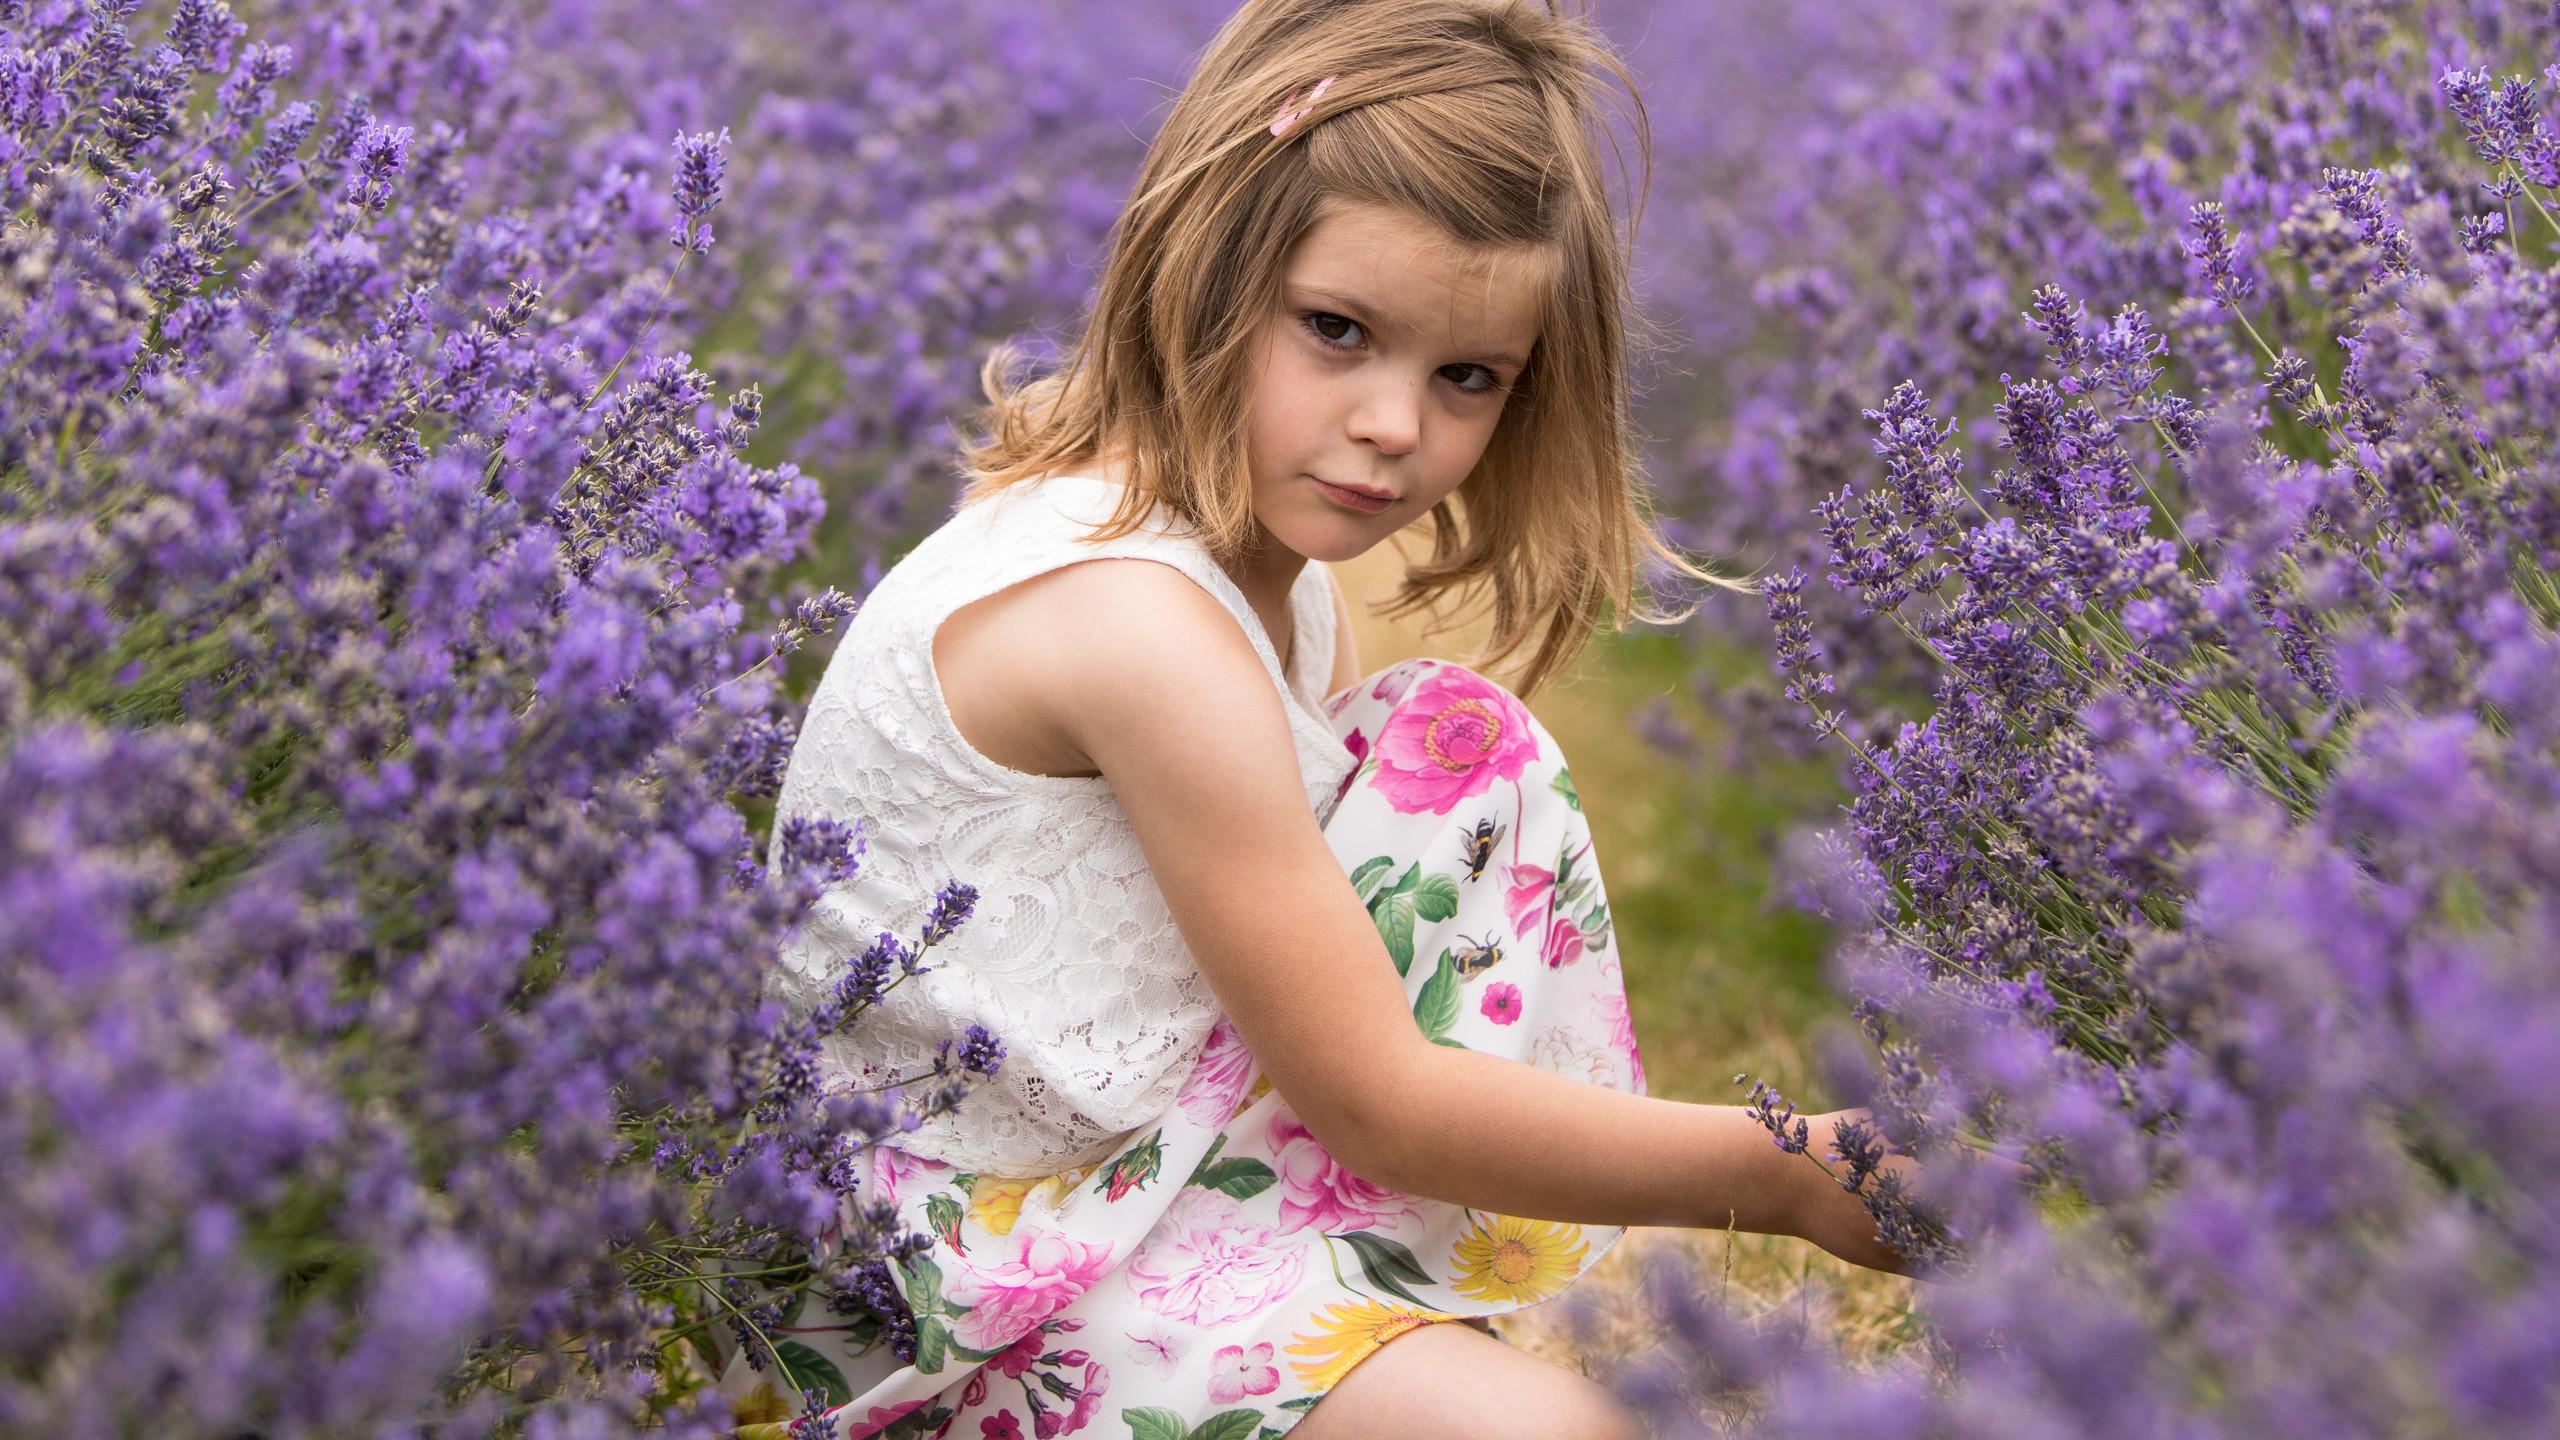 Girl in Lavender in floral dress